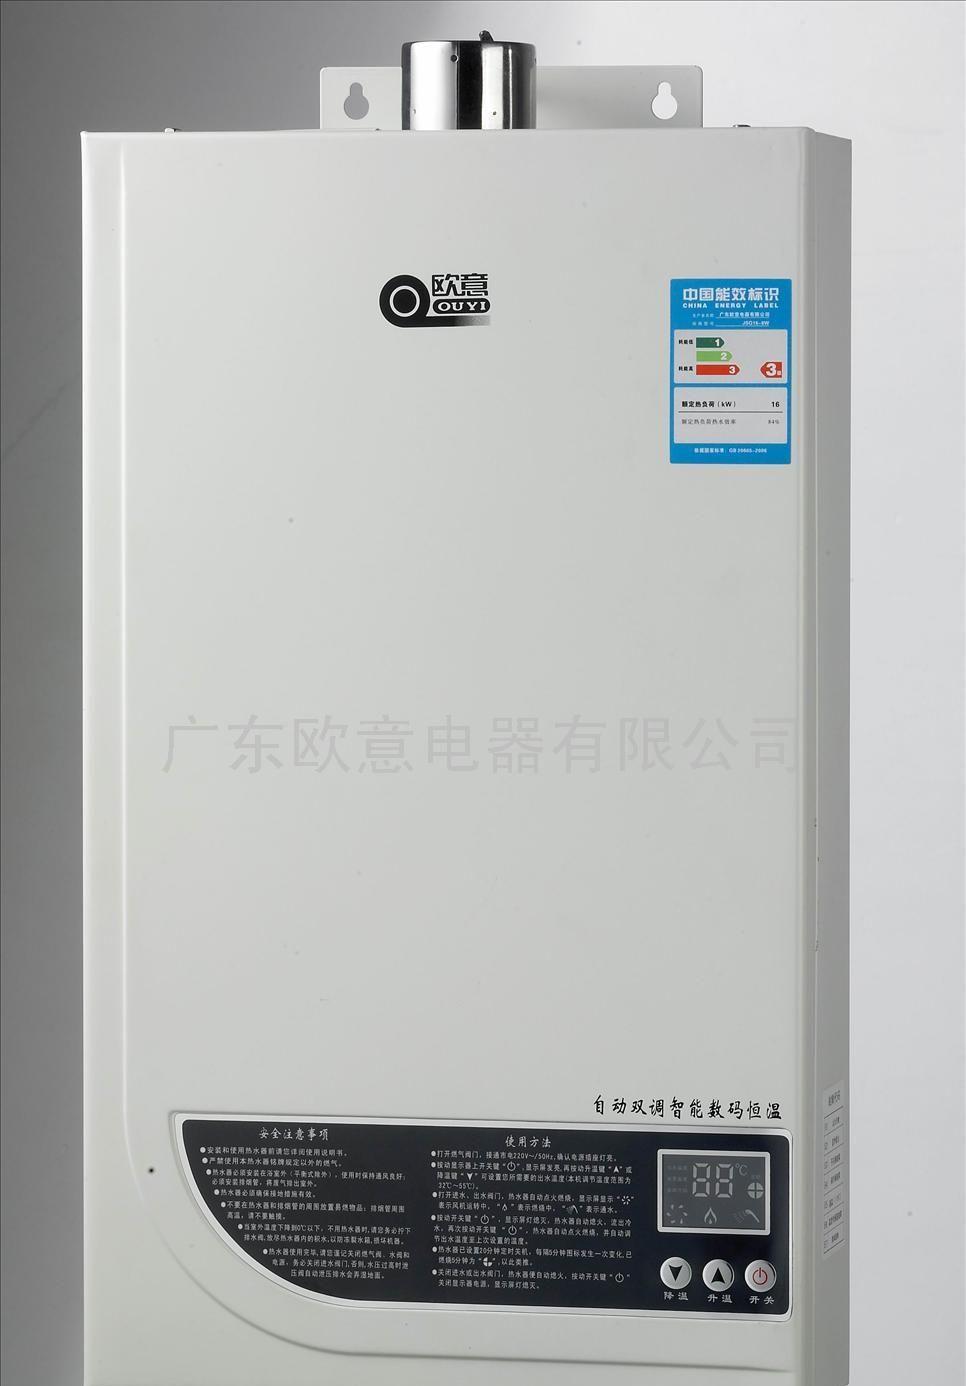 电磁炉 订阅  产品/服务: 强排式数码恒温燃气热水器 品 牌: 欧意图片